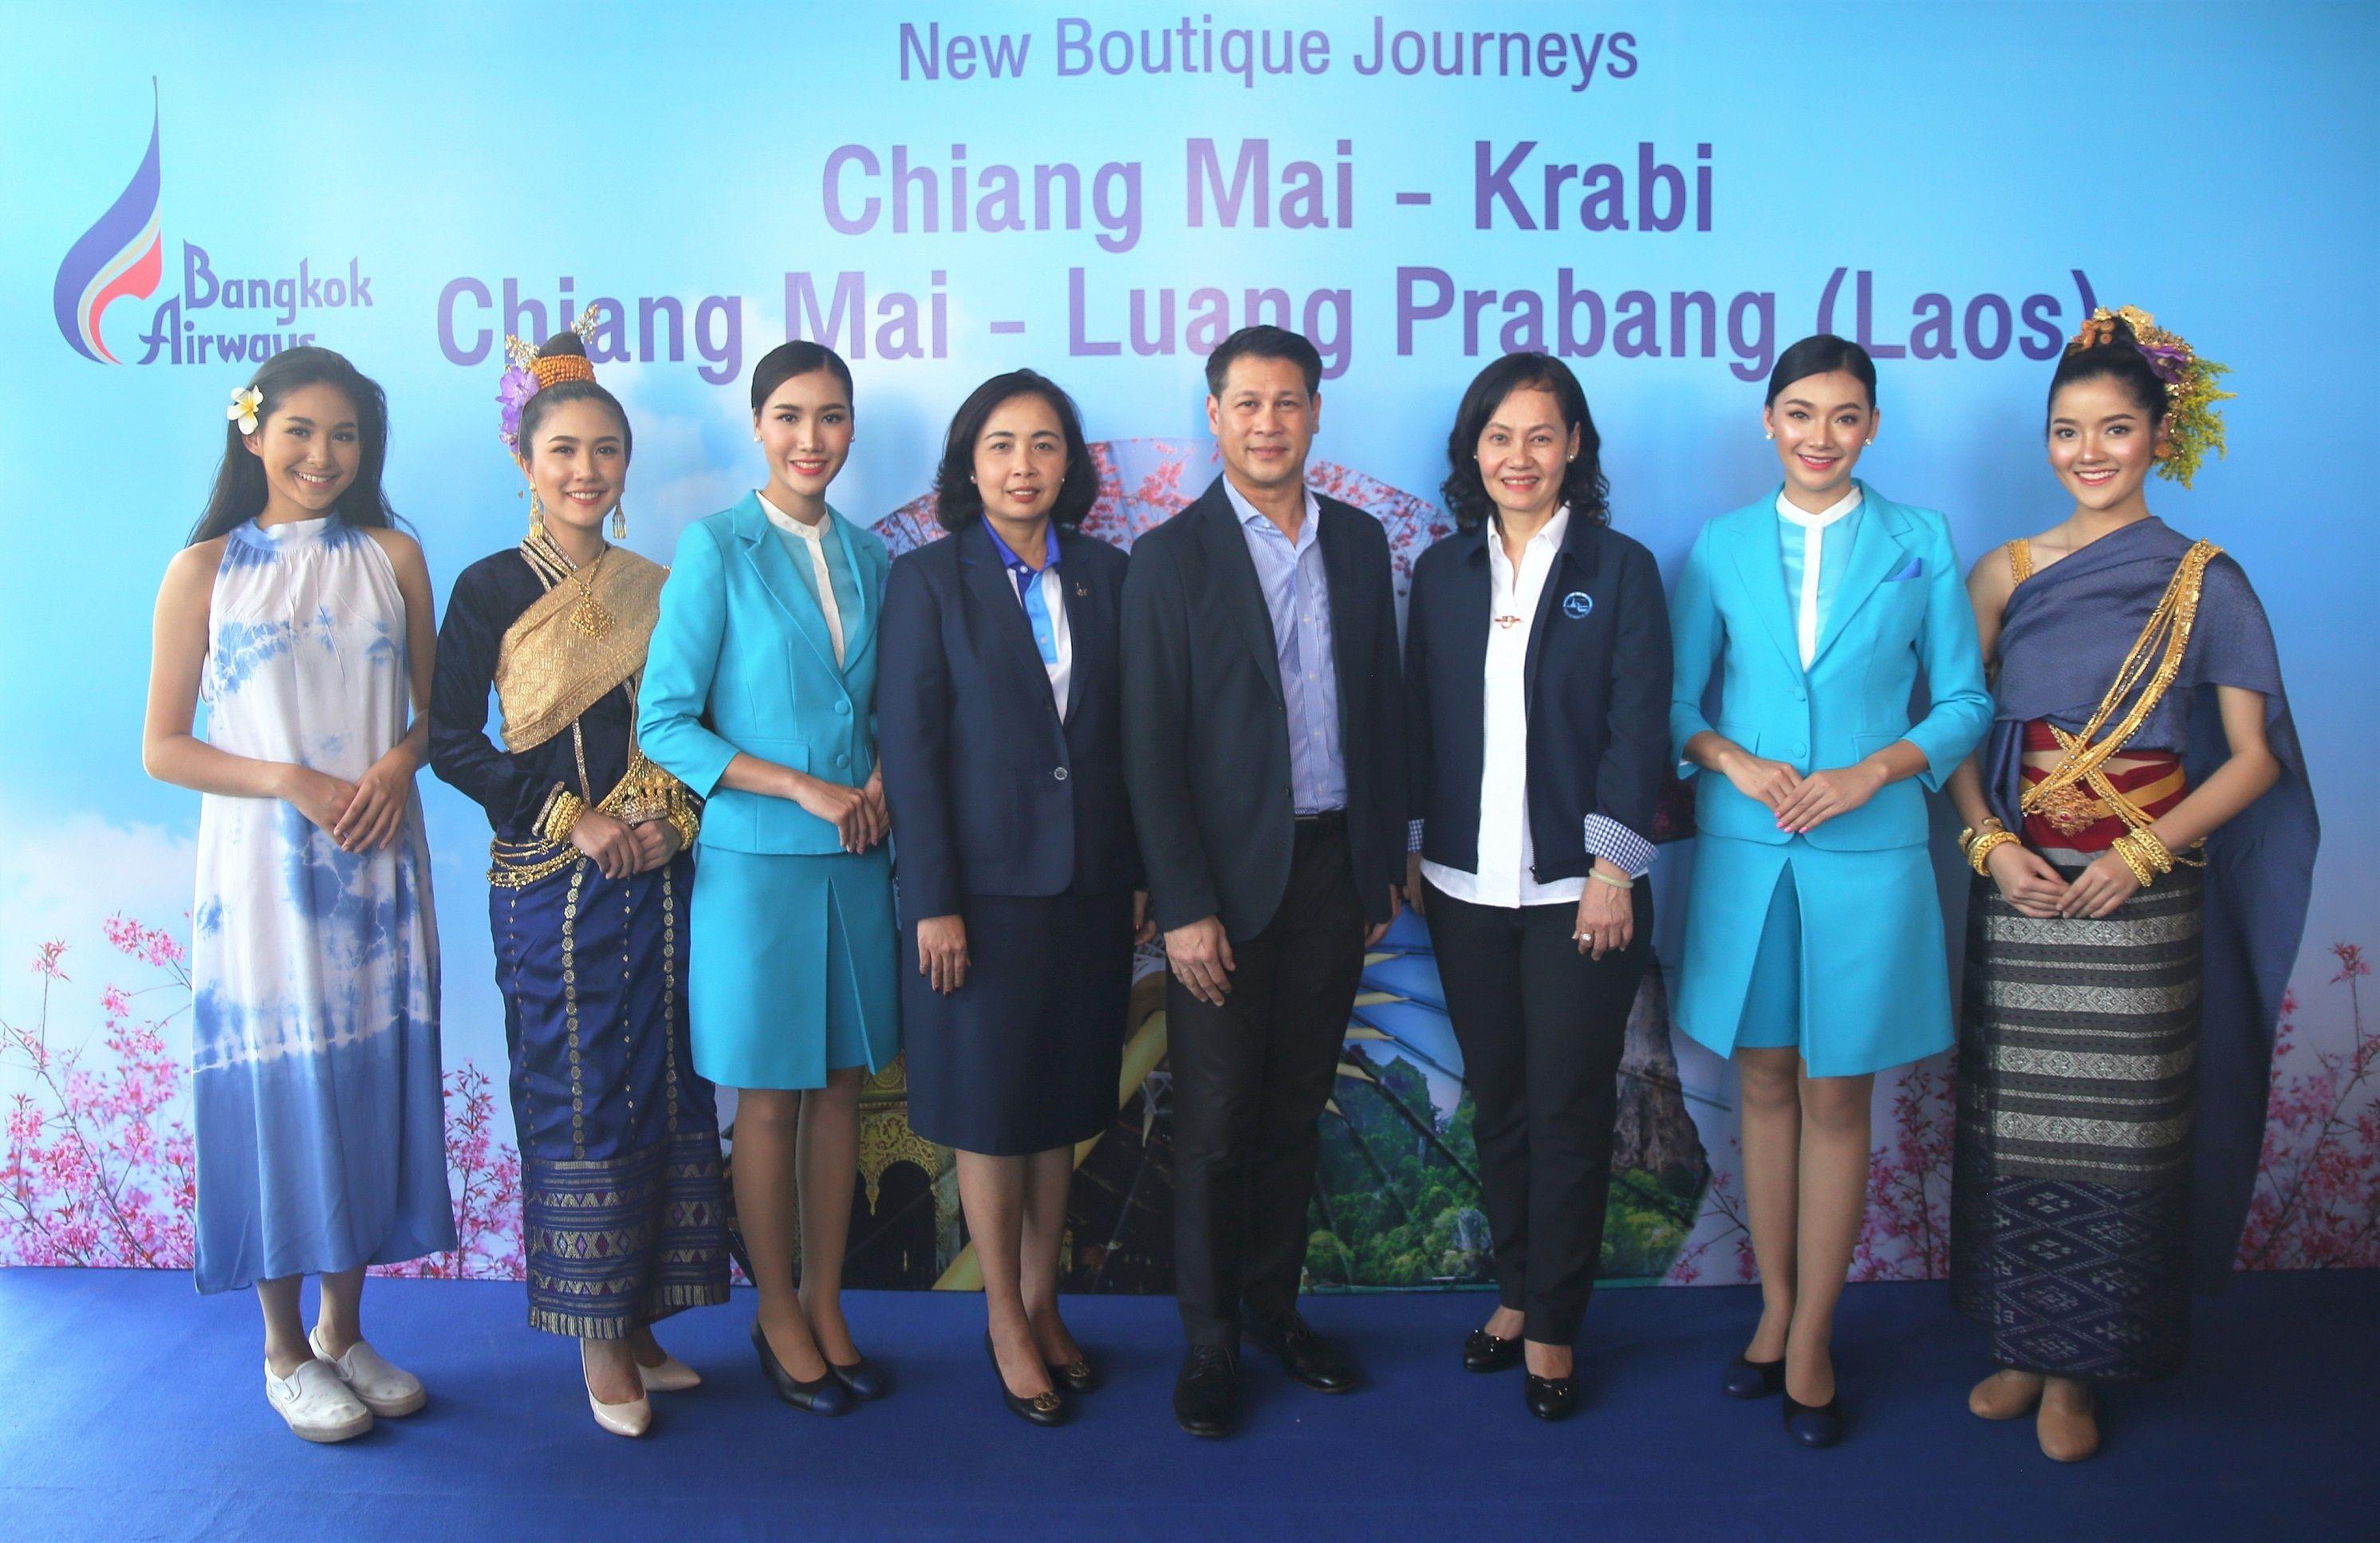 曼谷航空開通清邁至甲米、清邁至瑯勃拉邦航線